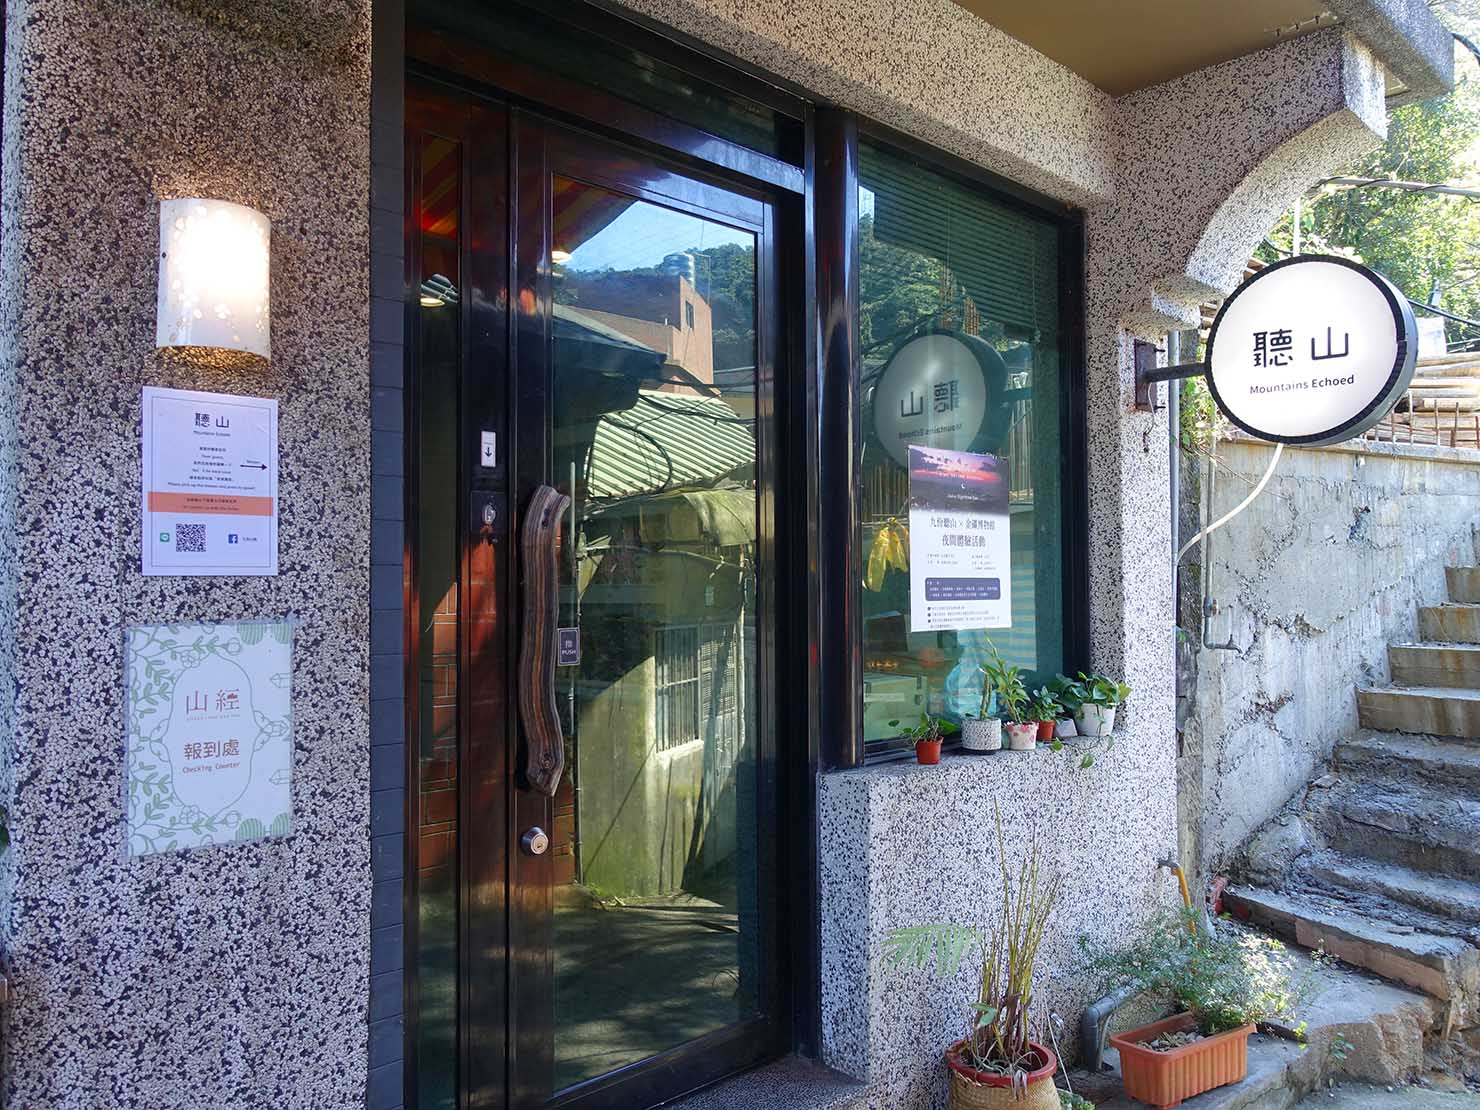 台北・九份のおしゃれなゲストハウス「九份山經」のチェックインカウンターがある建物